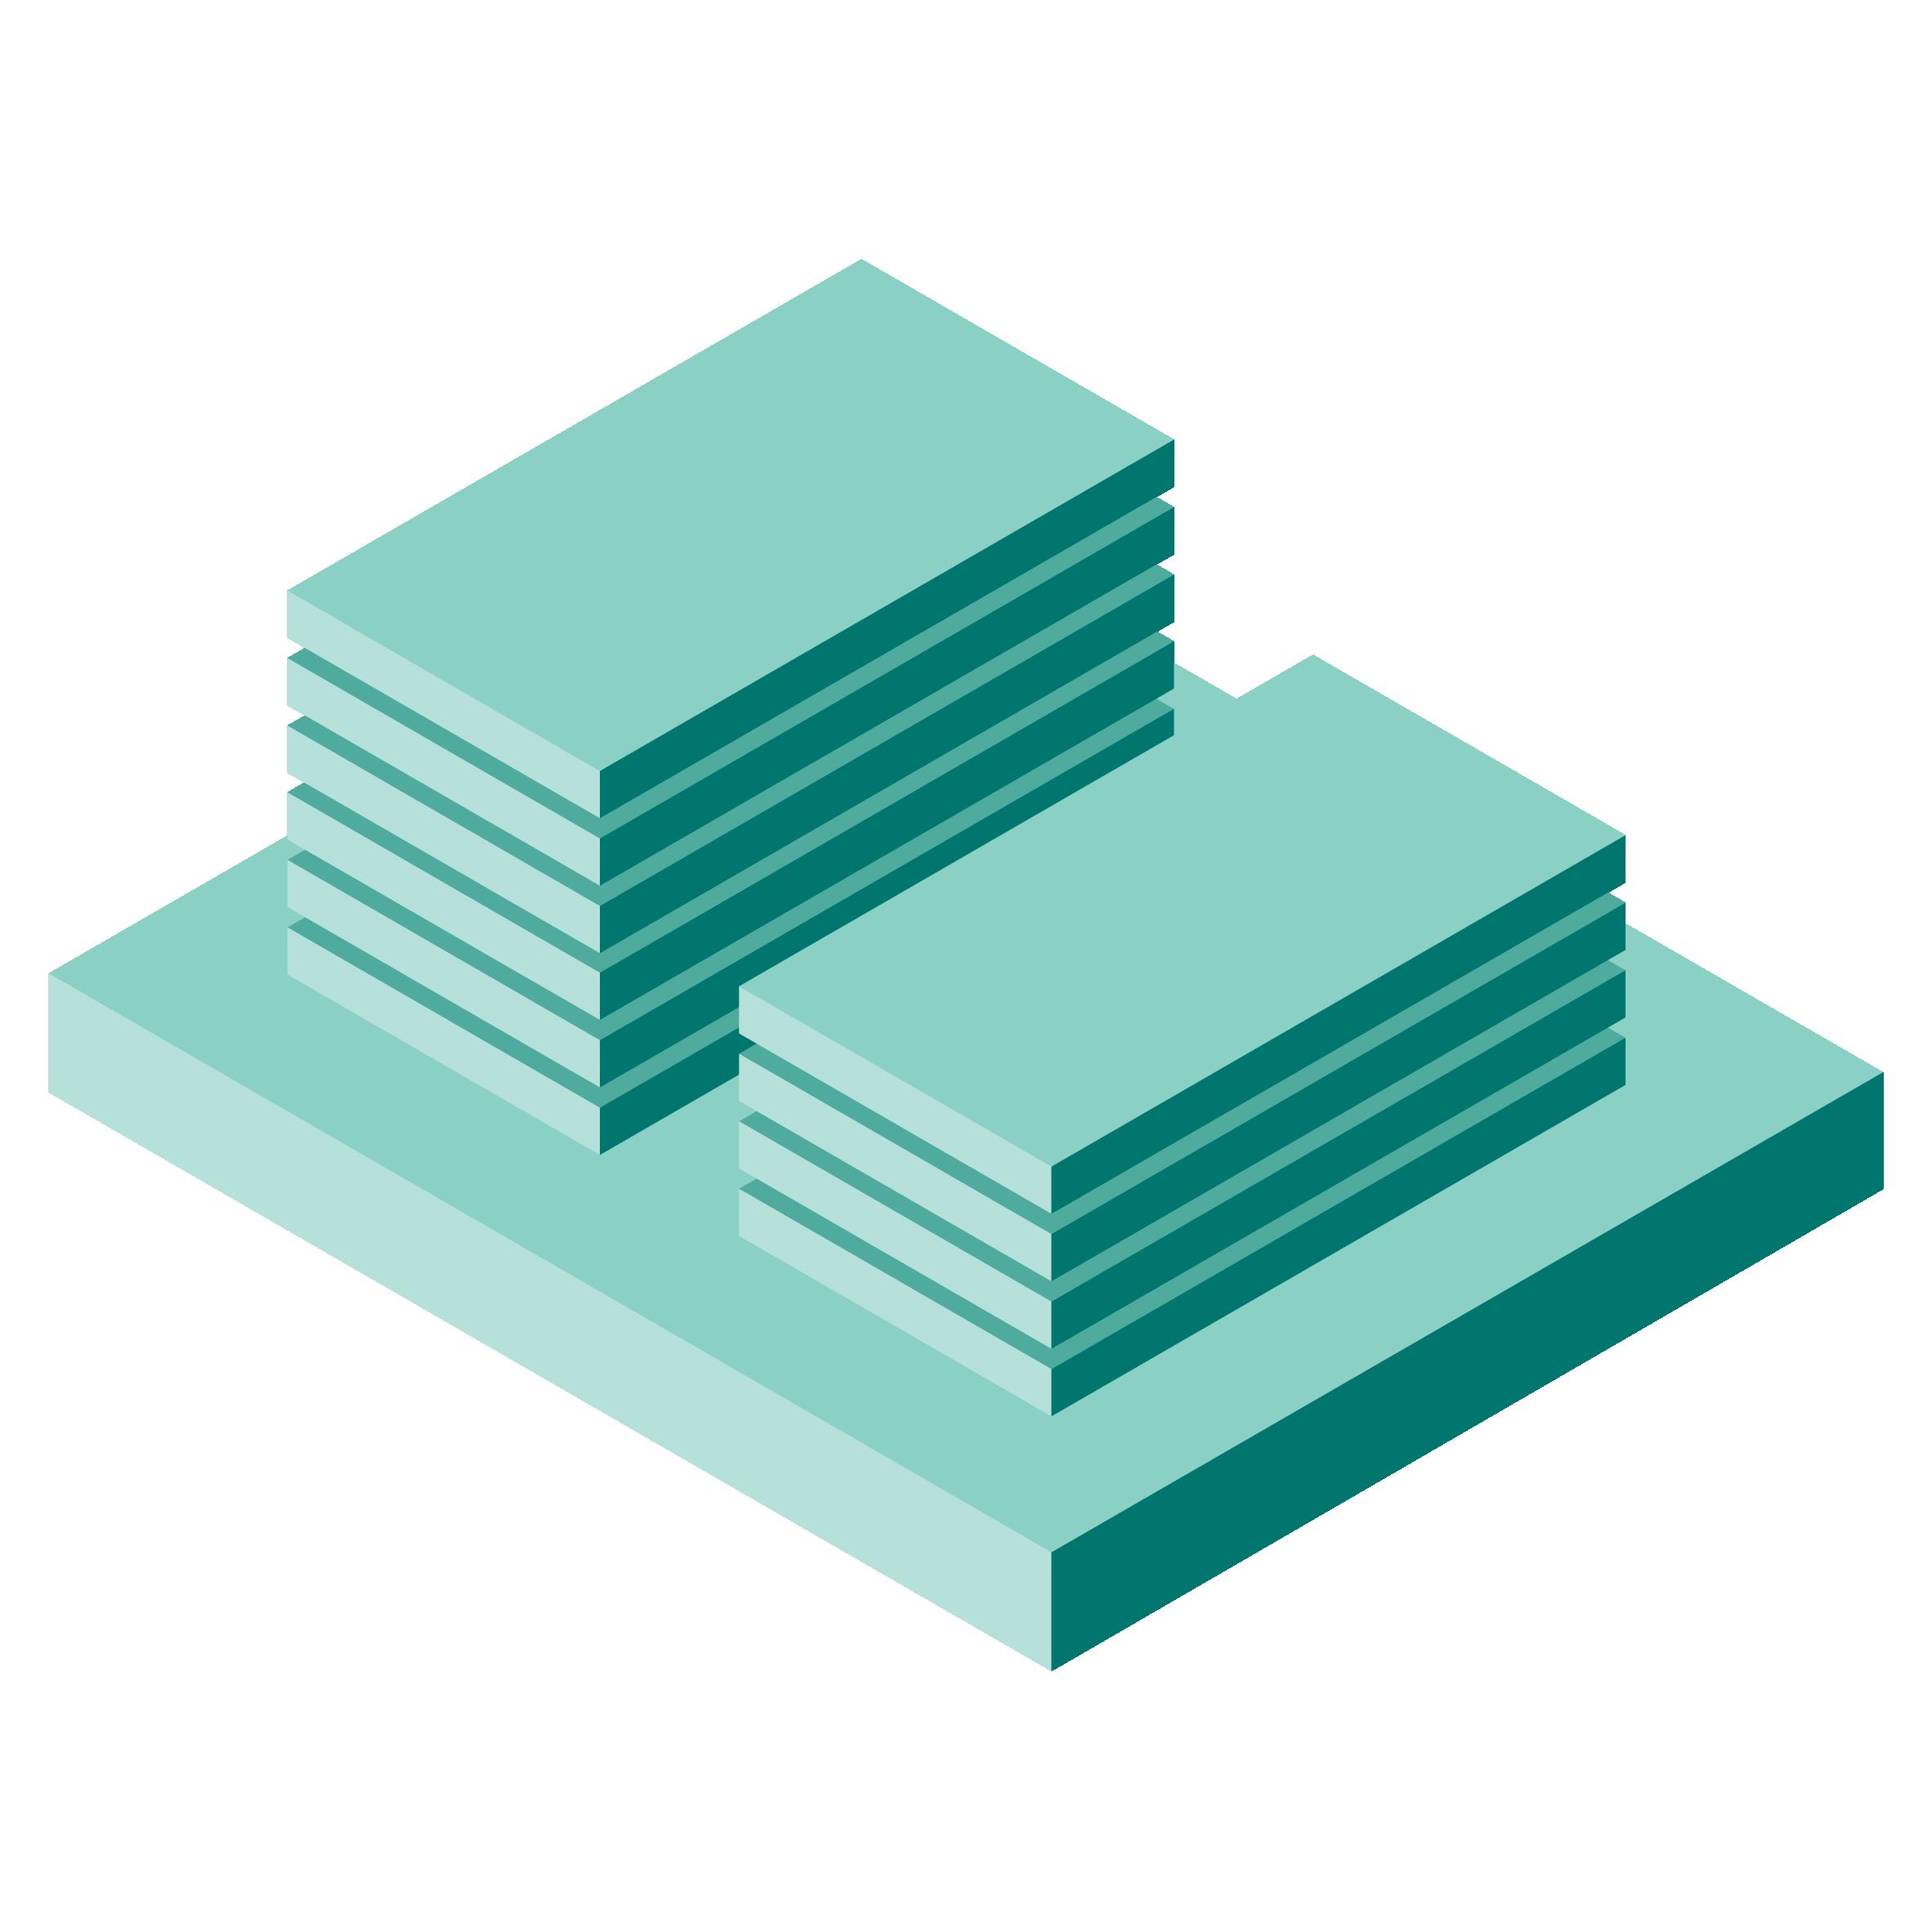 Financial planning & analysis image